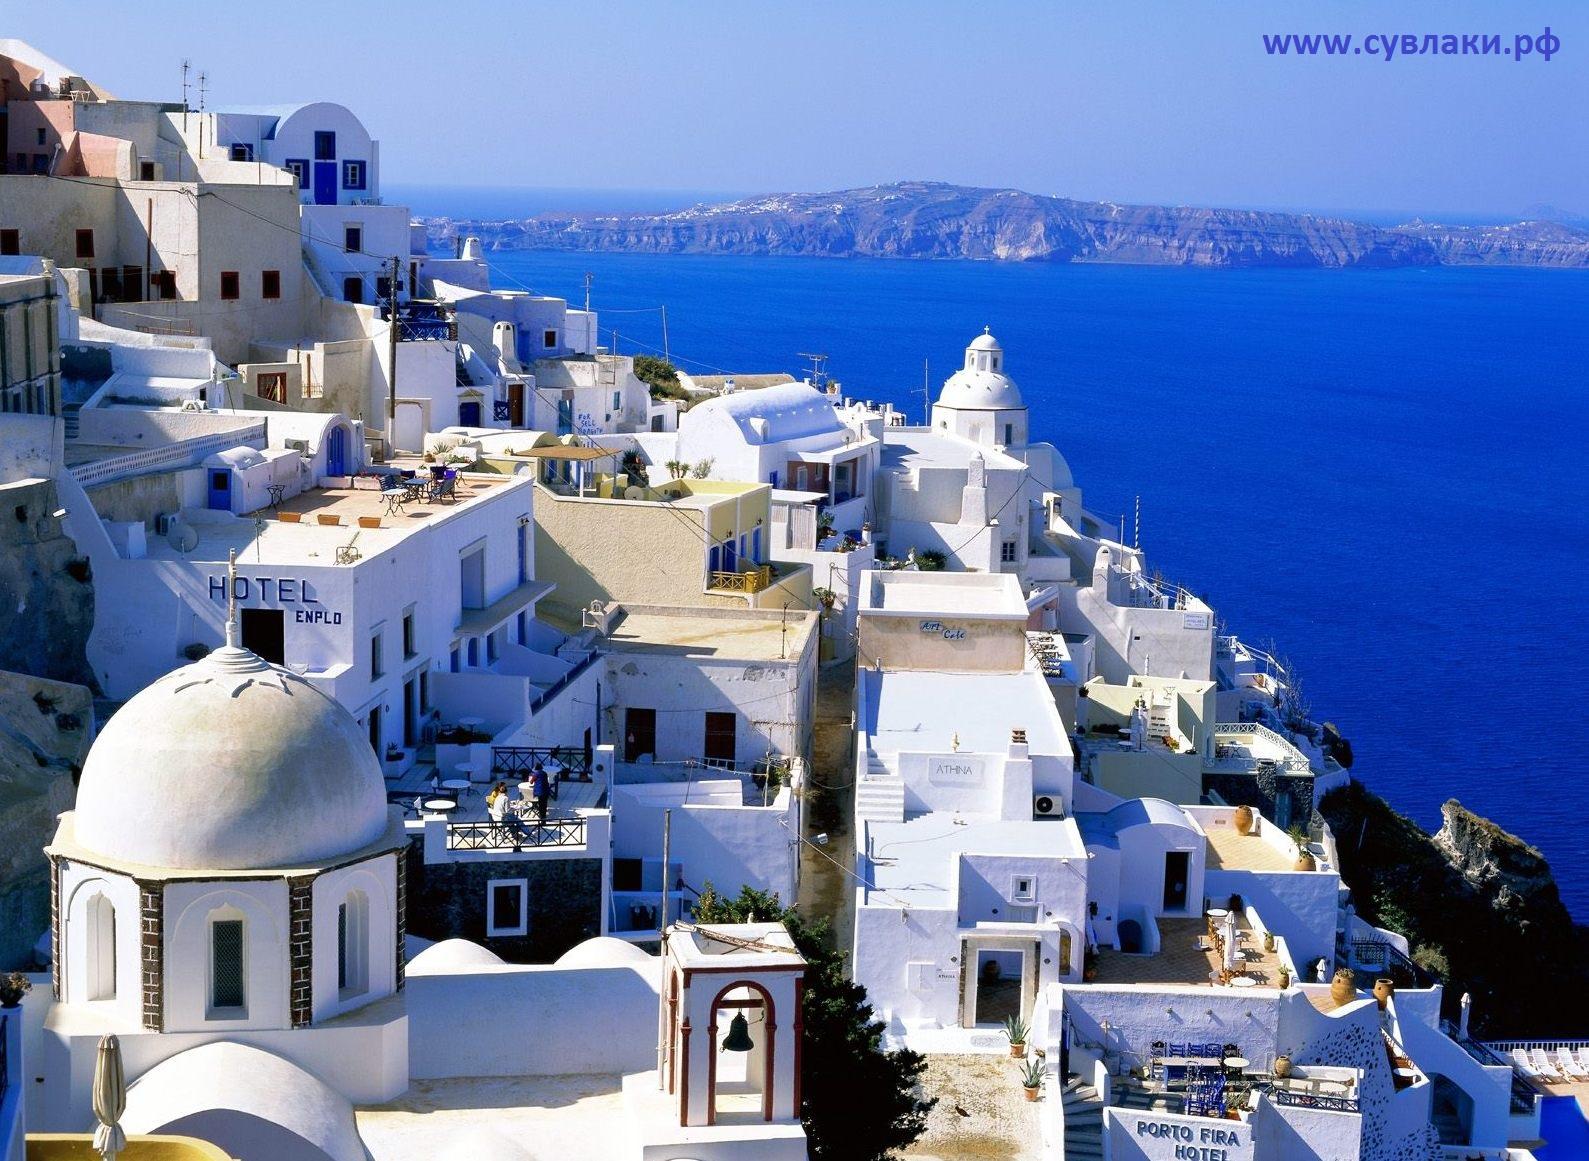 Греческие мелодии без слов скачать бесплатно